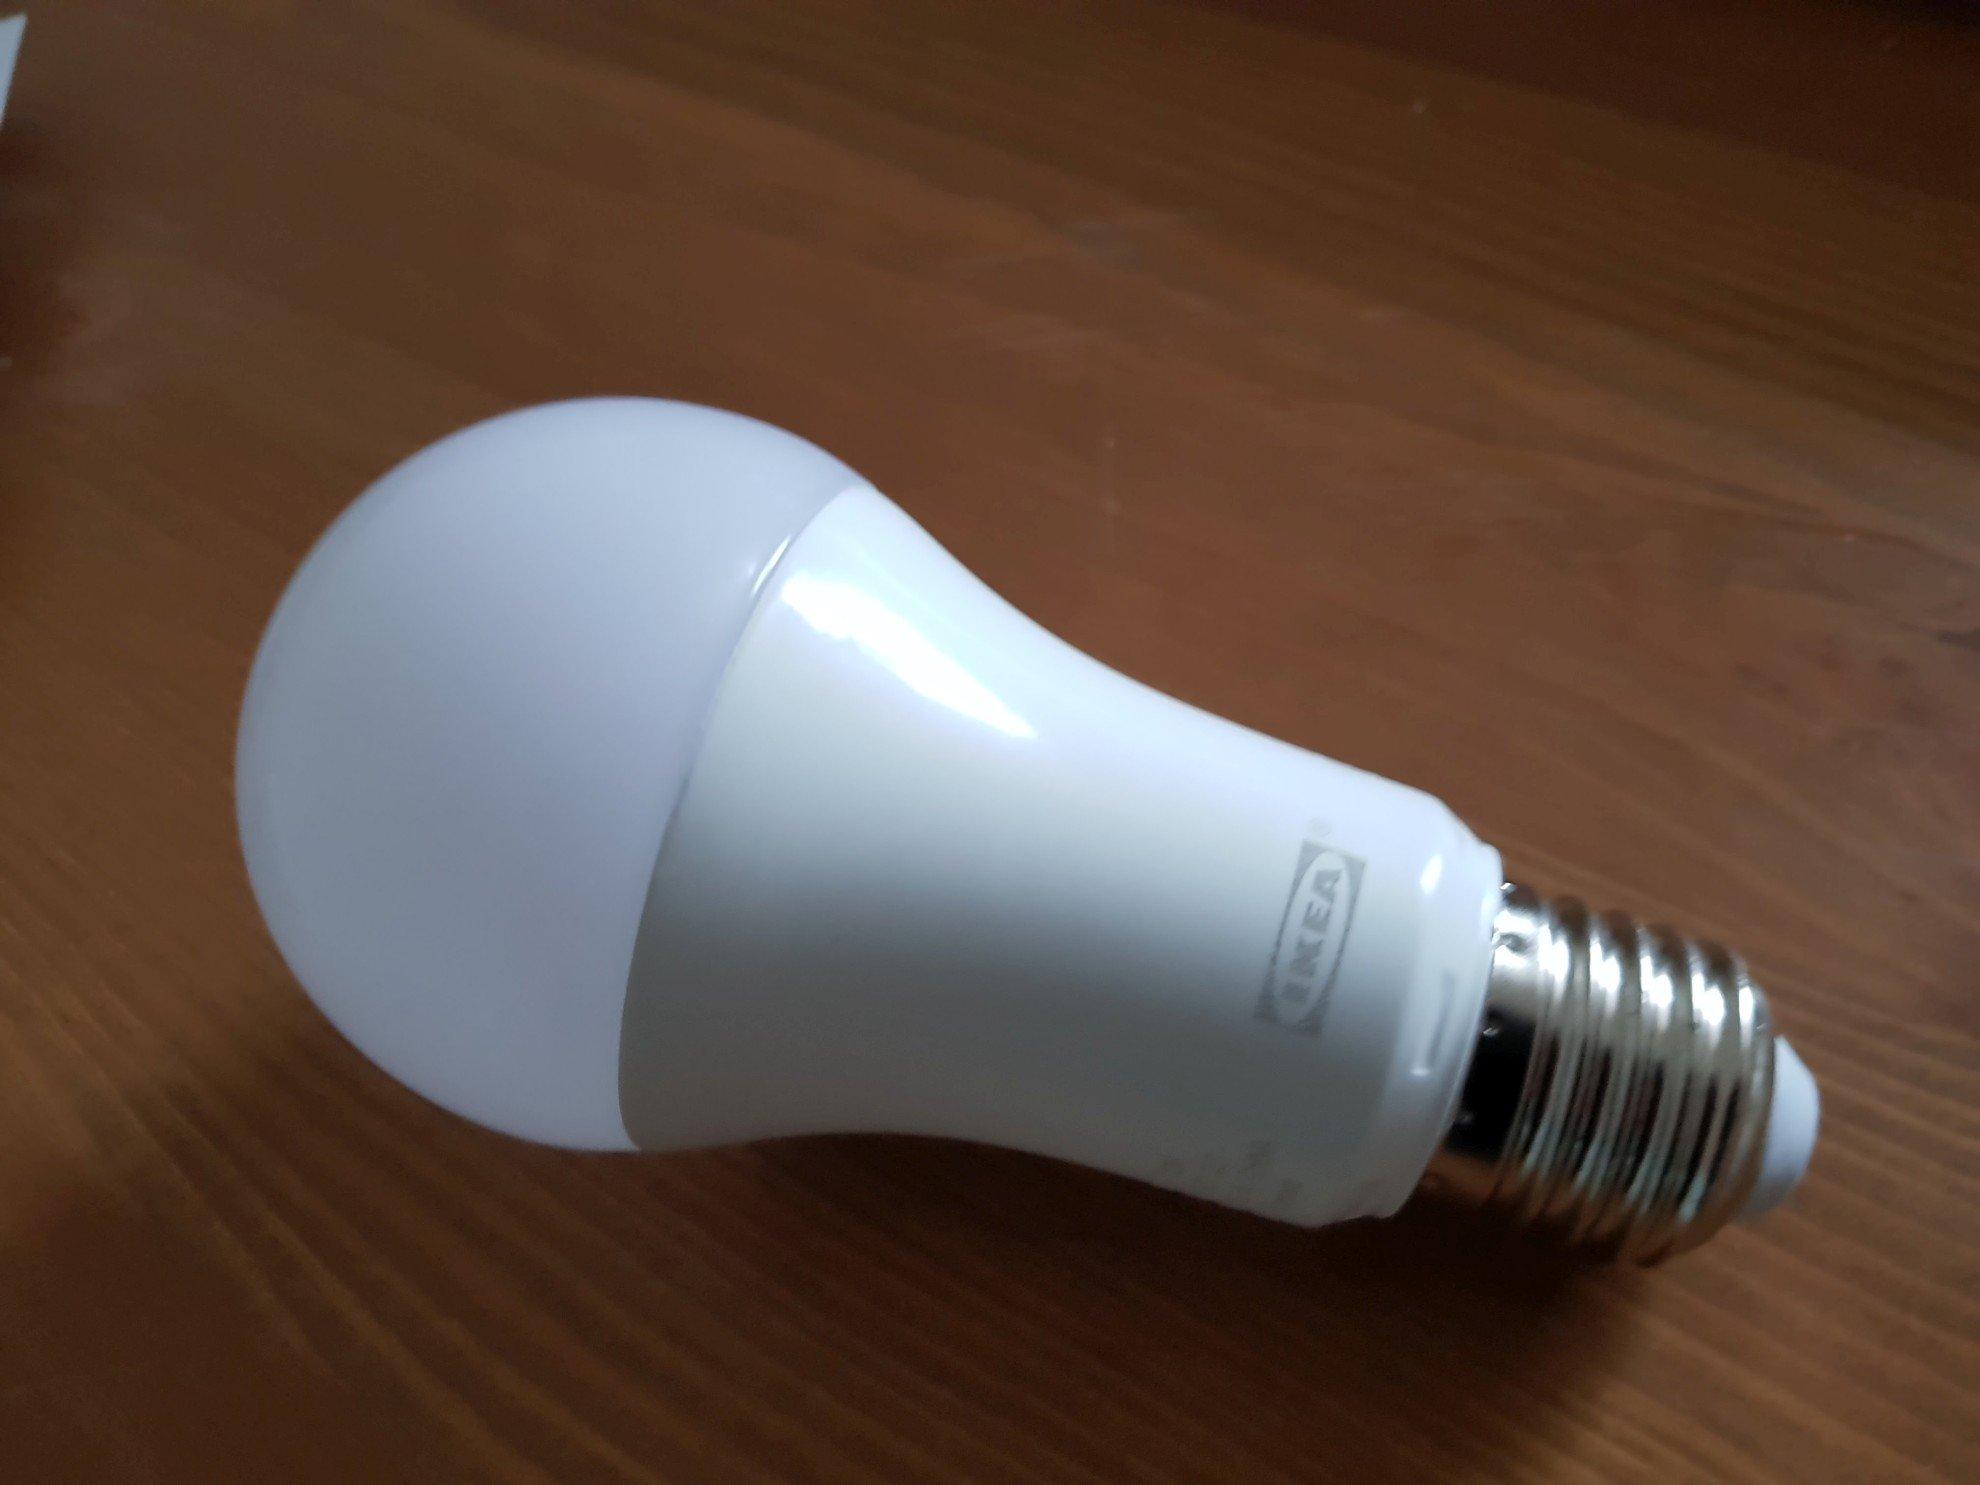 Full Size of Ikea Deckenlampe Trdfri Mit Philips Hue Verbinden So Gehts Ohne Probleme Betten 160x200 Küche Kaufen Miniküche Modulküche Wohnzimmer Deckenlampen Bad Bei Wohnzimmer Ikea Deckenlampe